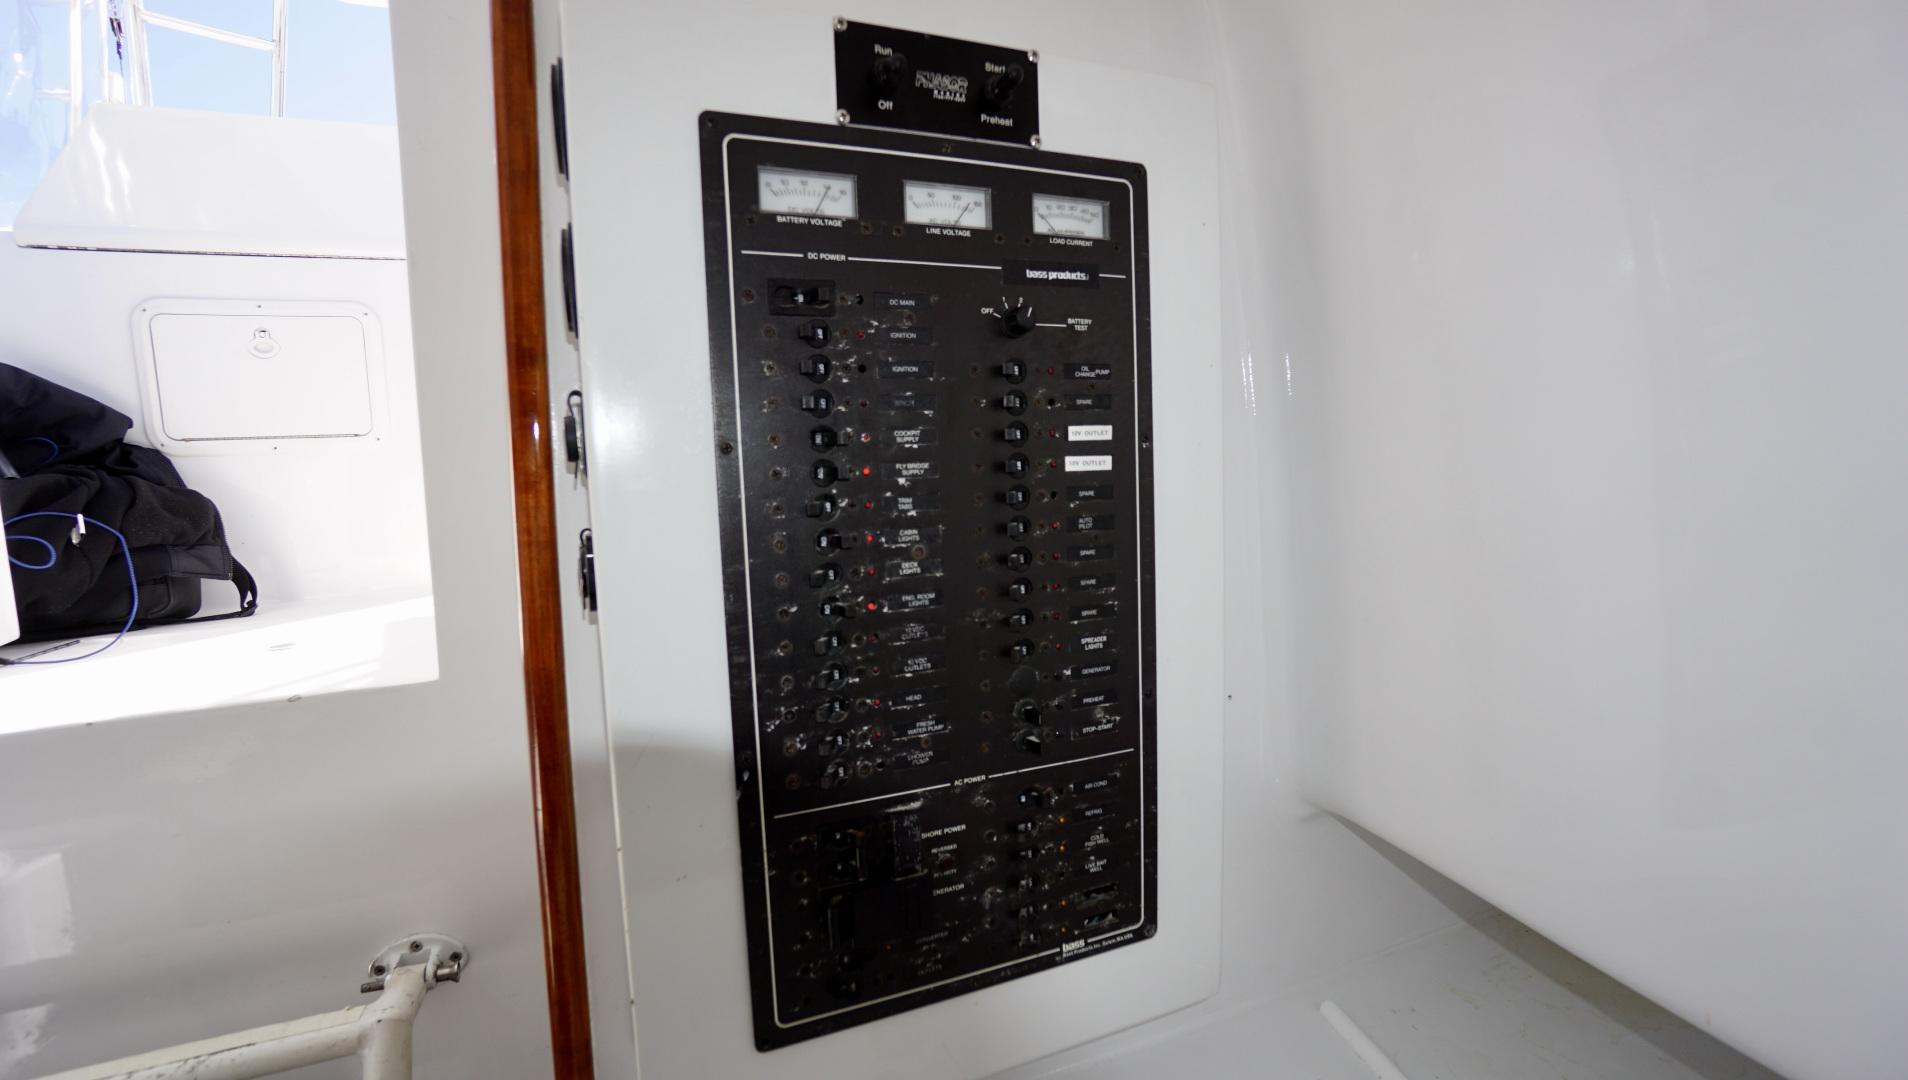 L&H 33 - Munequita - Electrical Panel